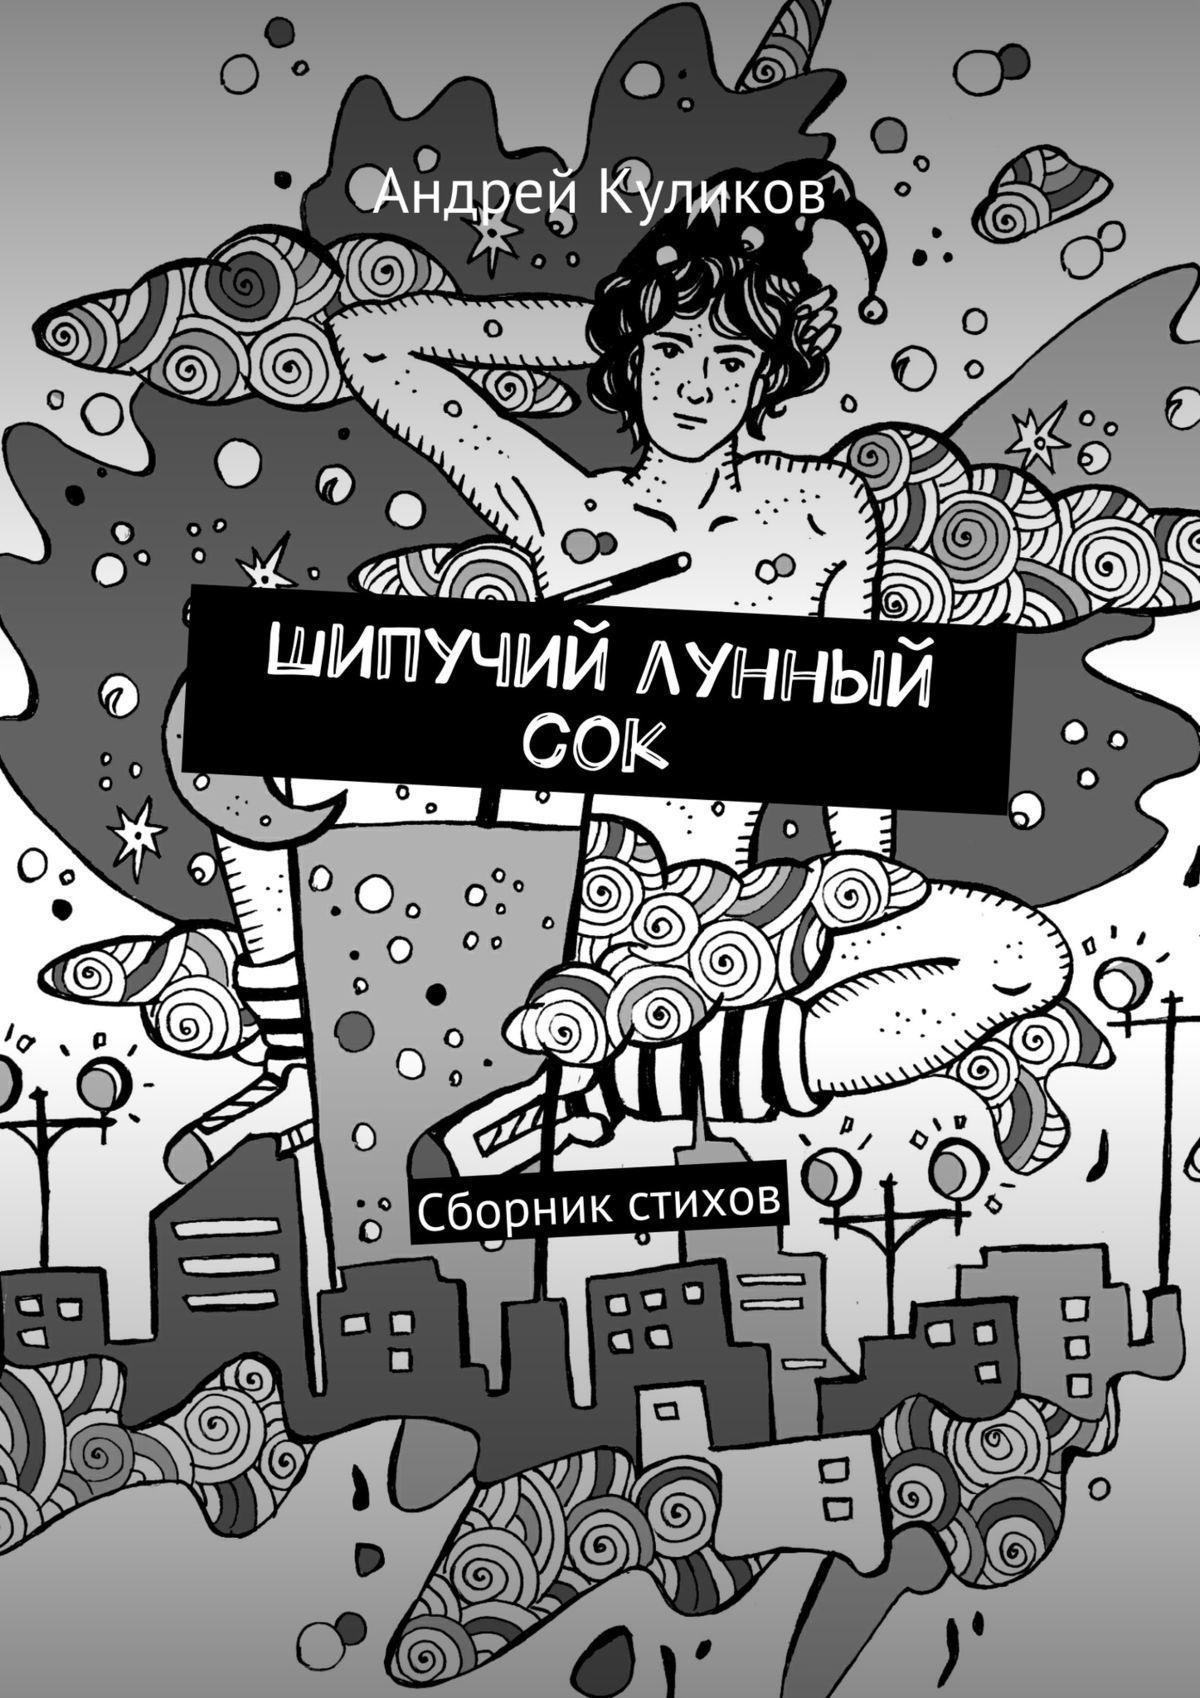 Обложка книги Шипучий лунный сок. Сборник стихов, автор Андрей Куликов